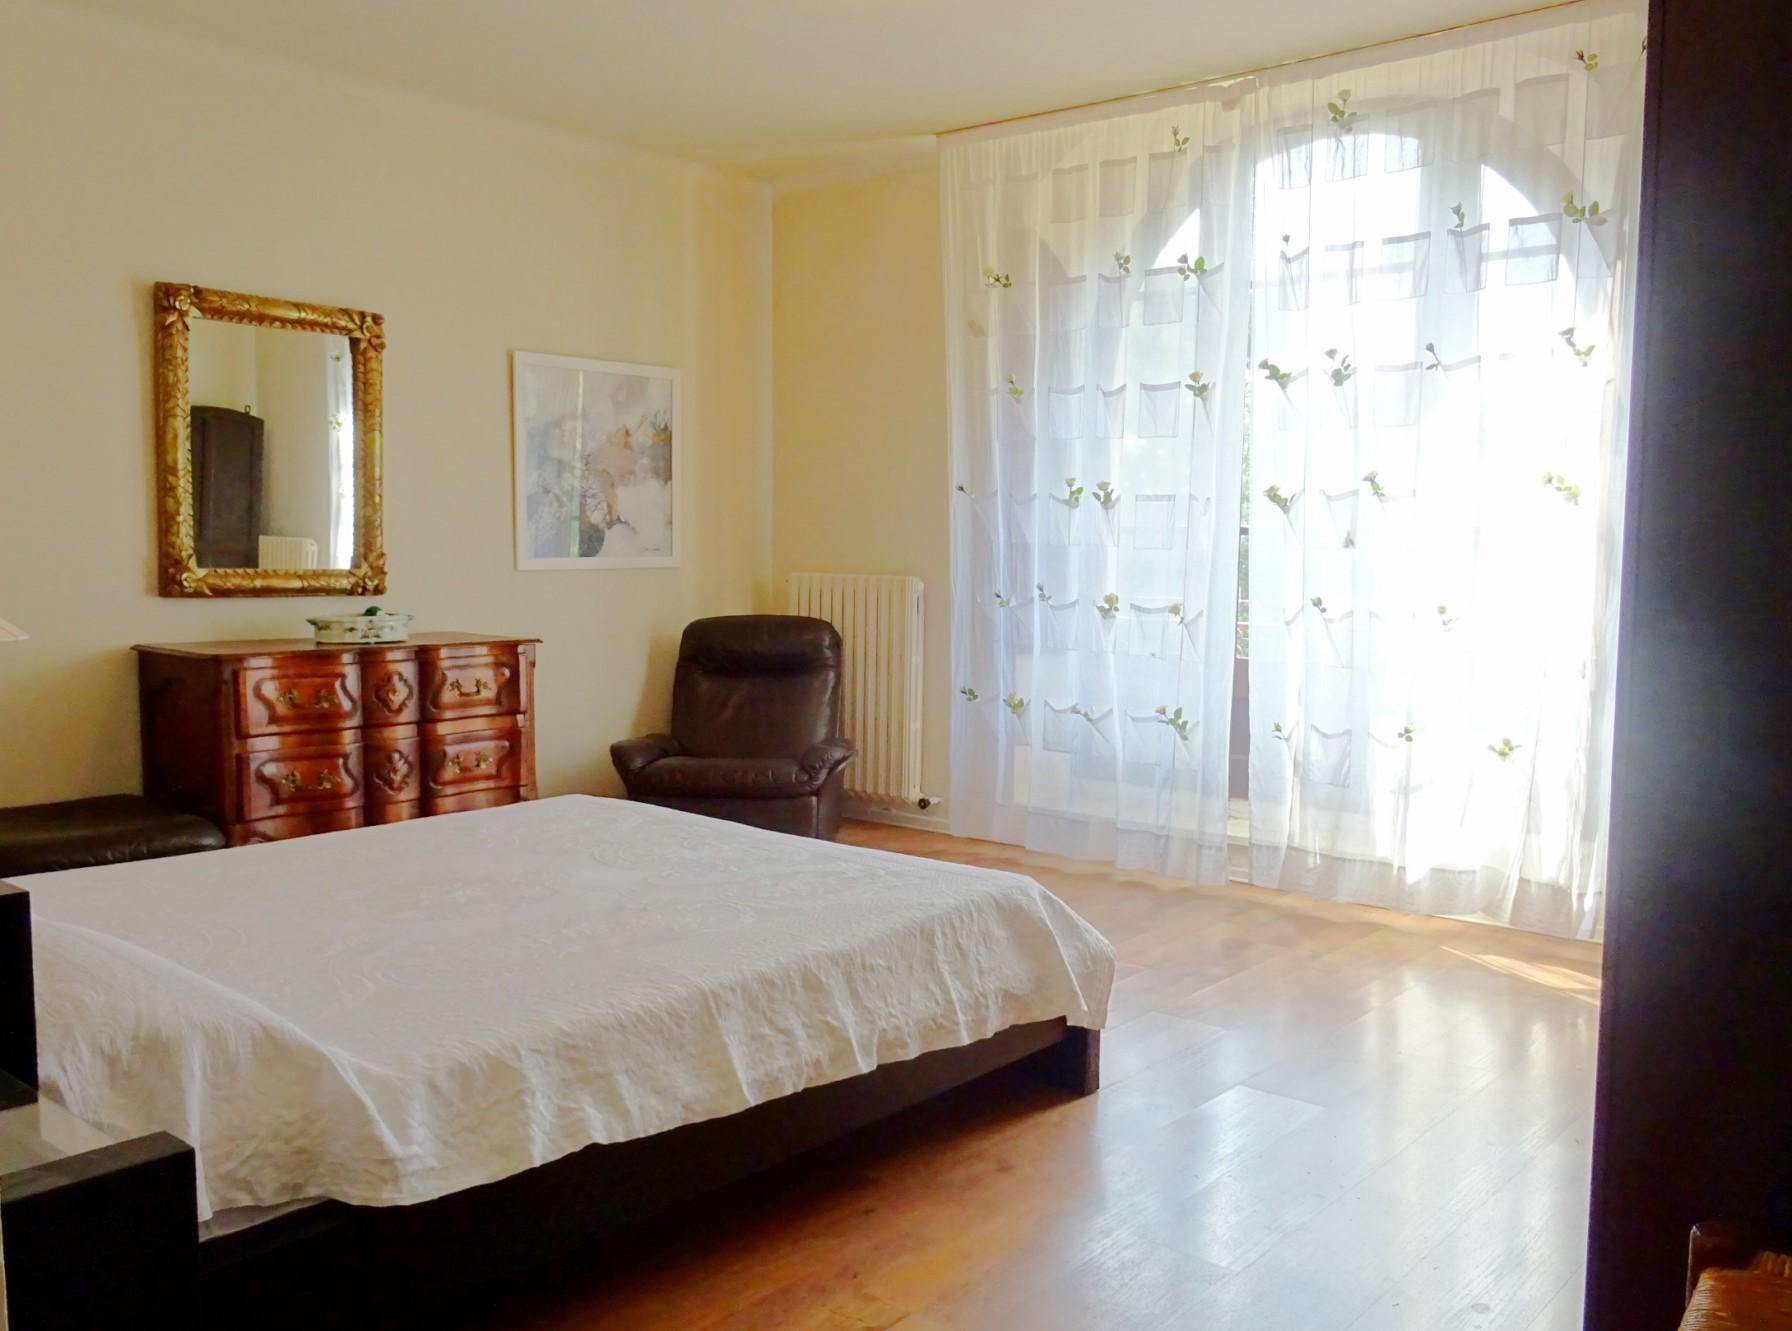 A vendre proche d'Avignon, maison de maître avec dépendances, tennis et piscine